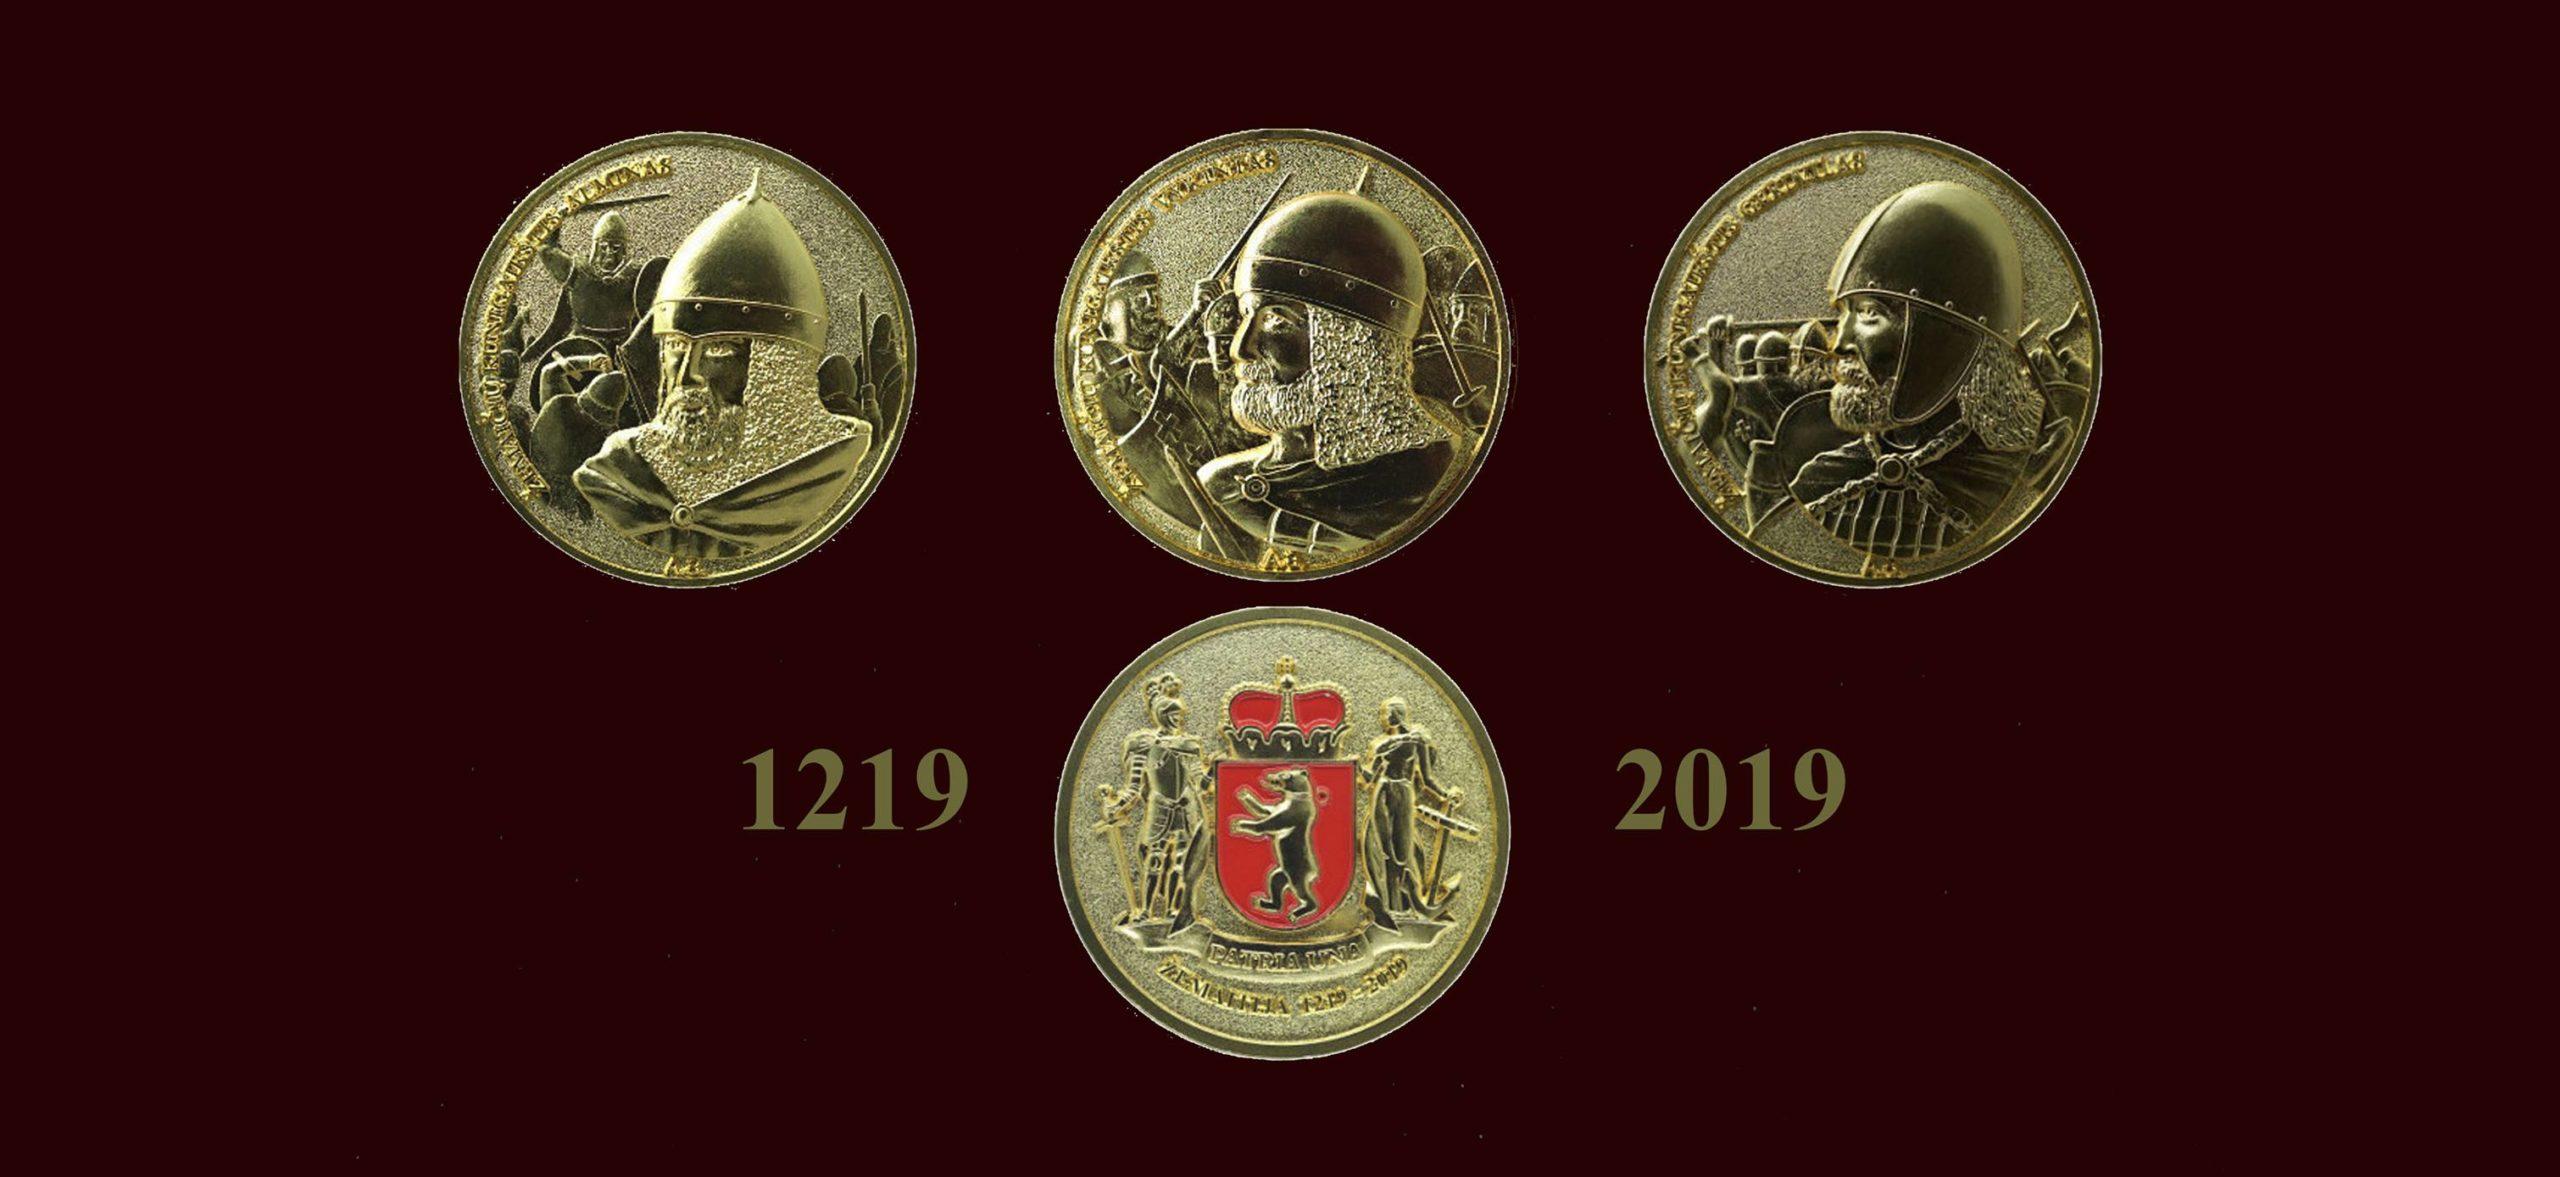 """Žemaitijos kunigaikščių medalių kolekcija skiriama už nuopelnus Žemaitijai   ,,Karšuvos būtovės"""" nuotr."""